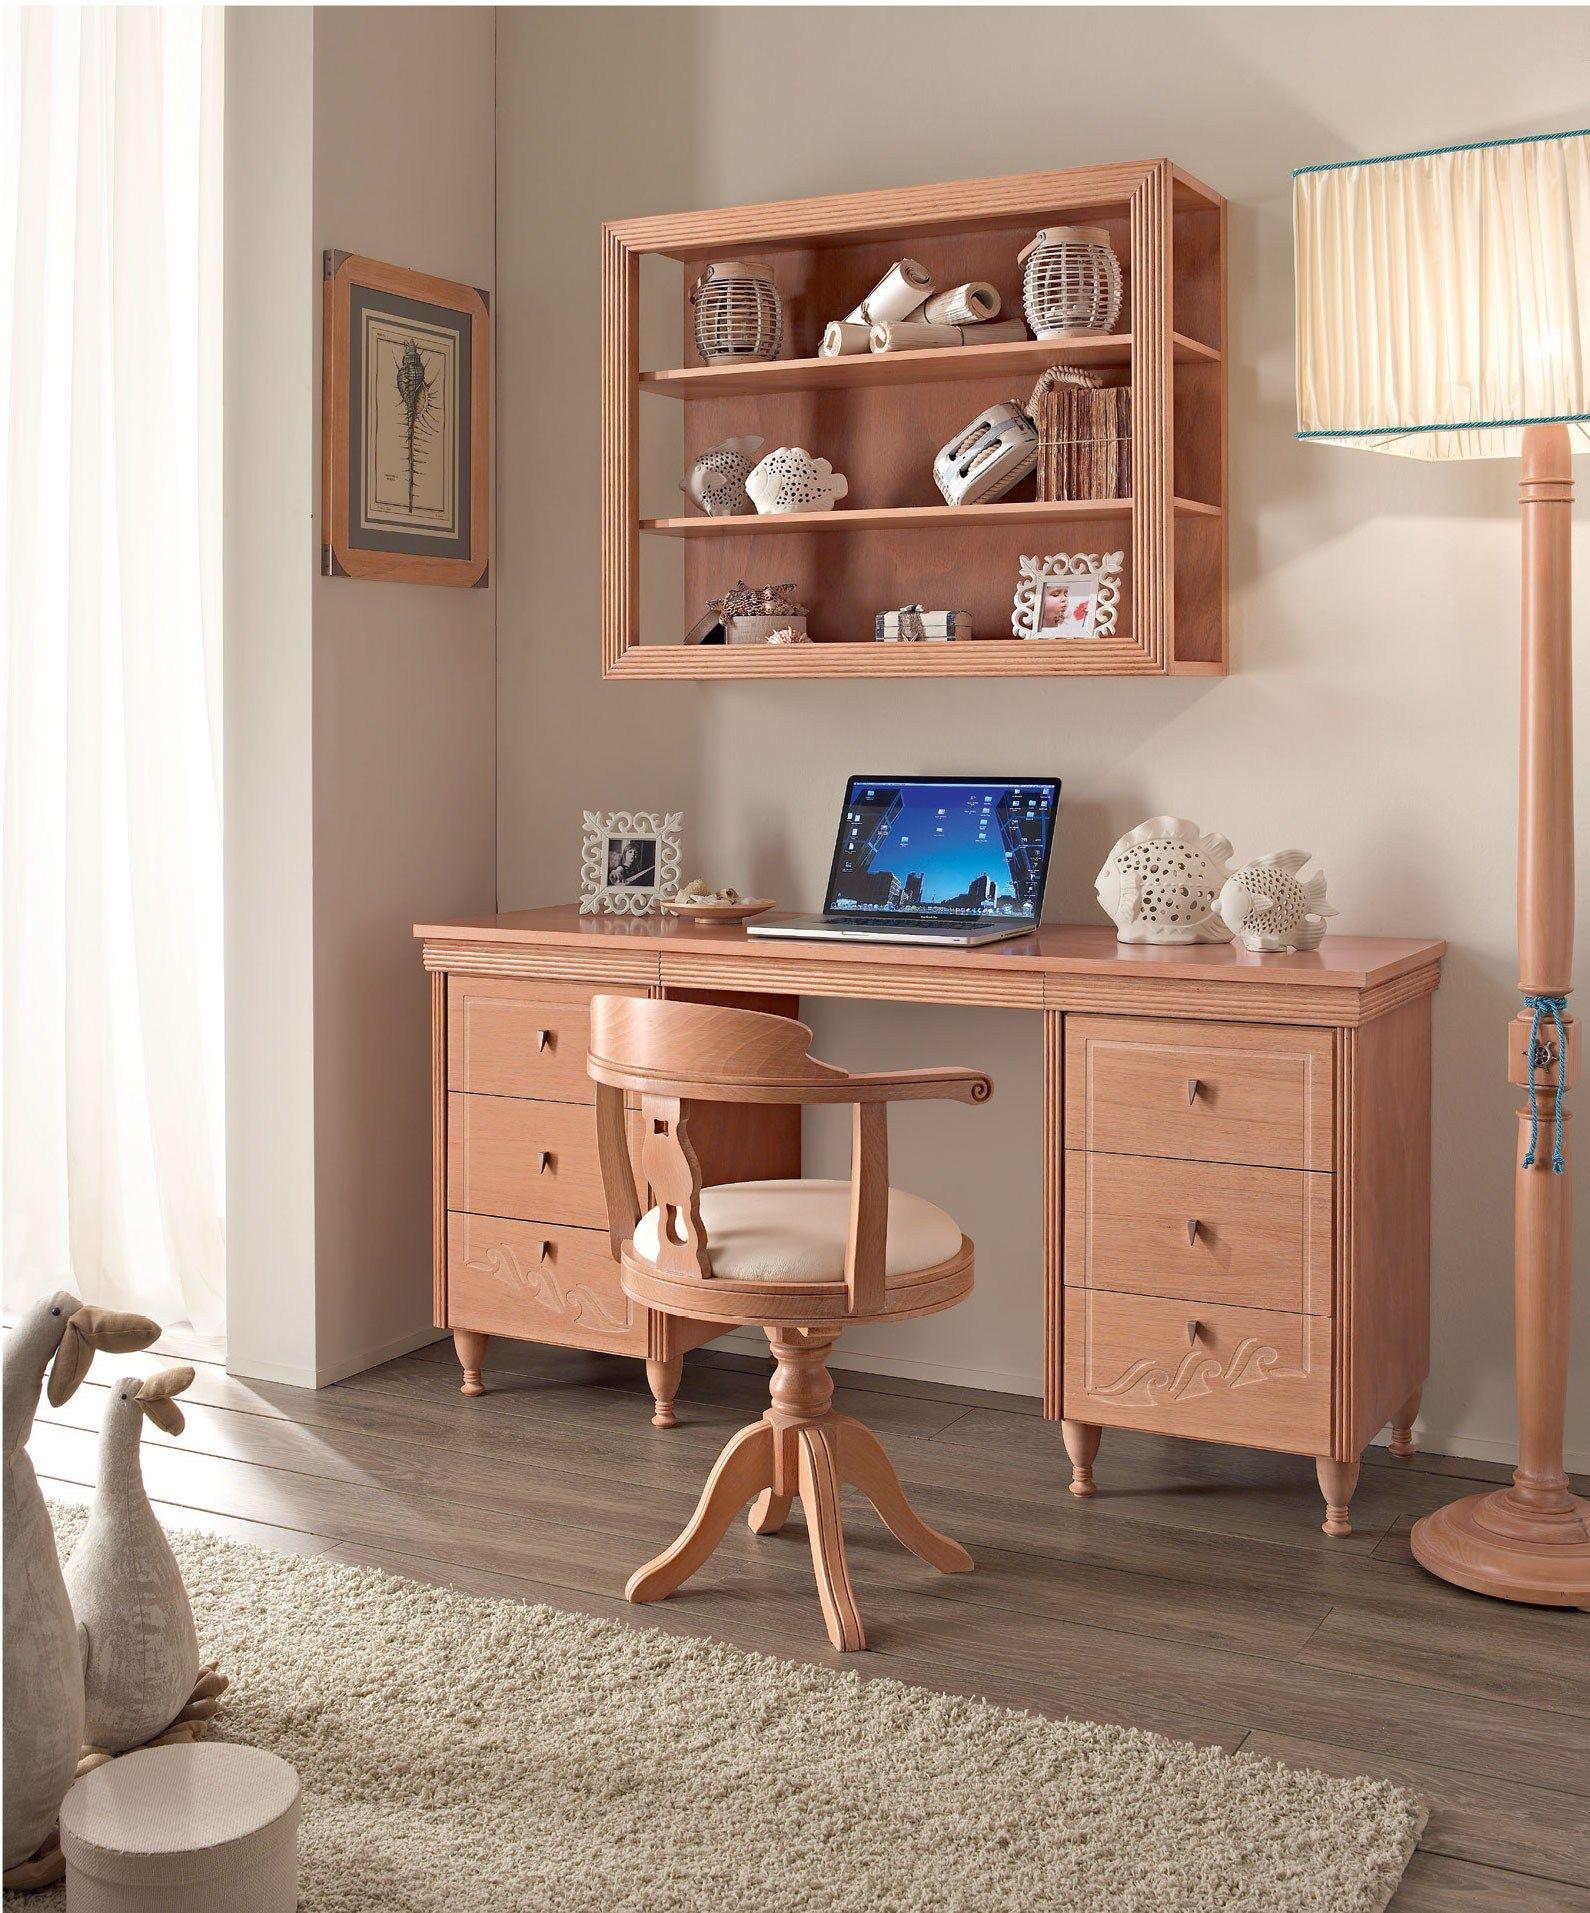 Onda escritorio con cajones by caroti - Habitacion de madera ...